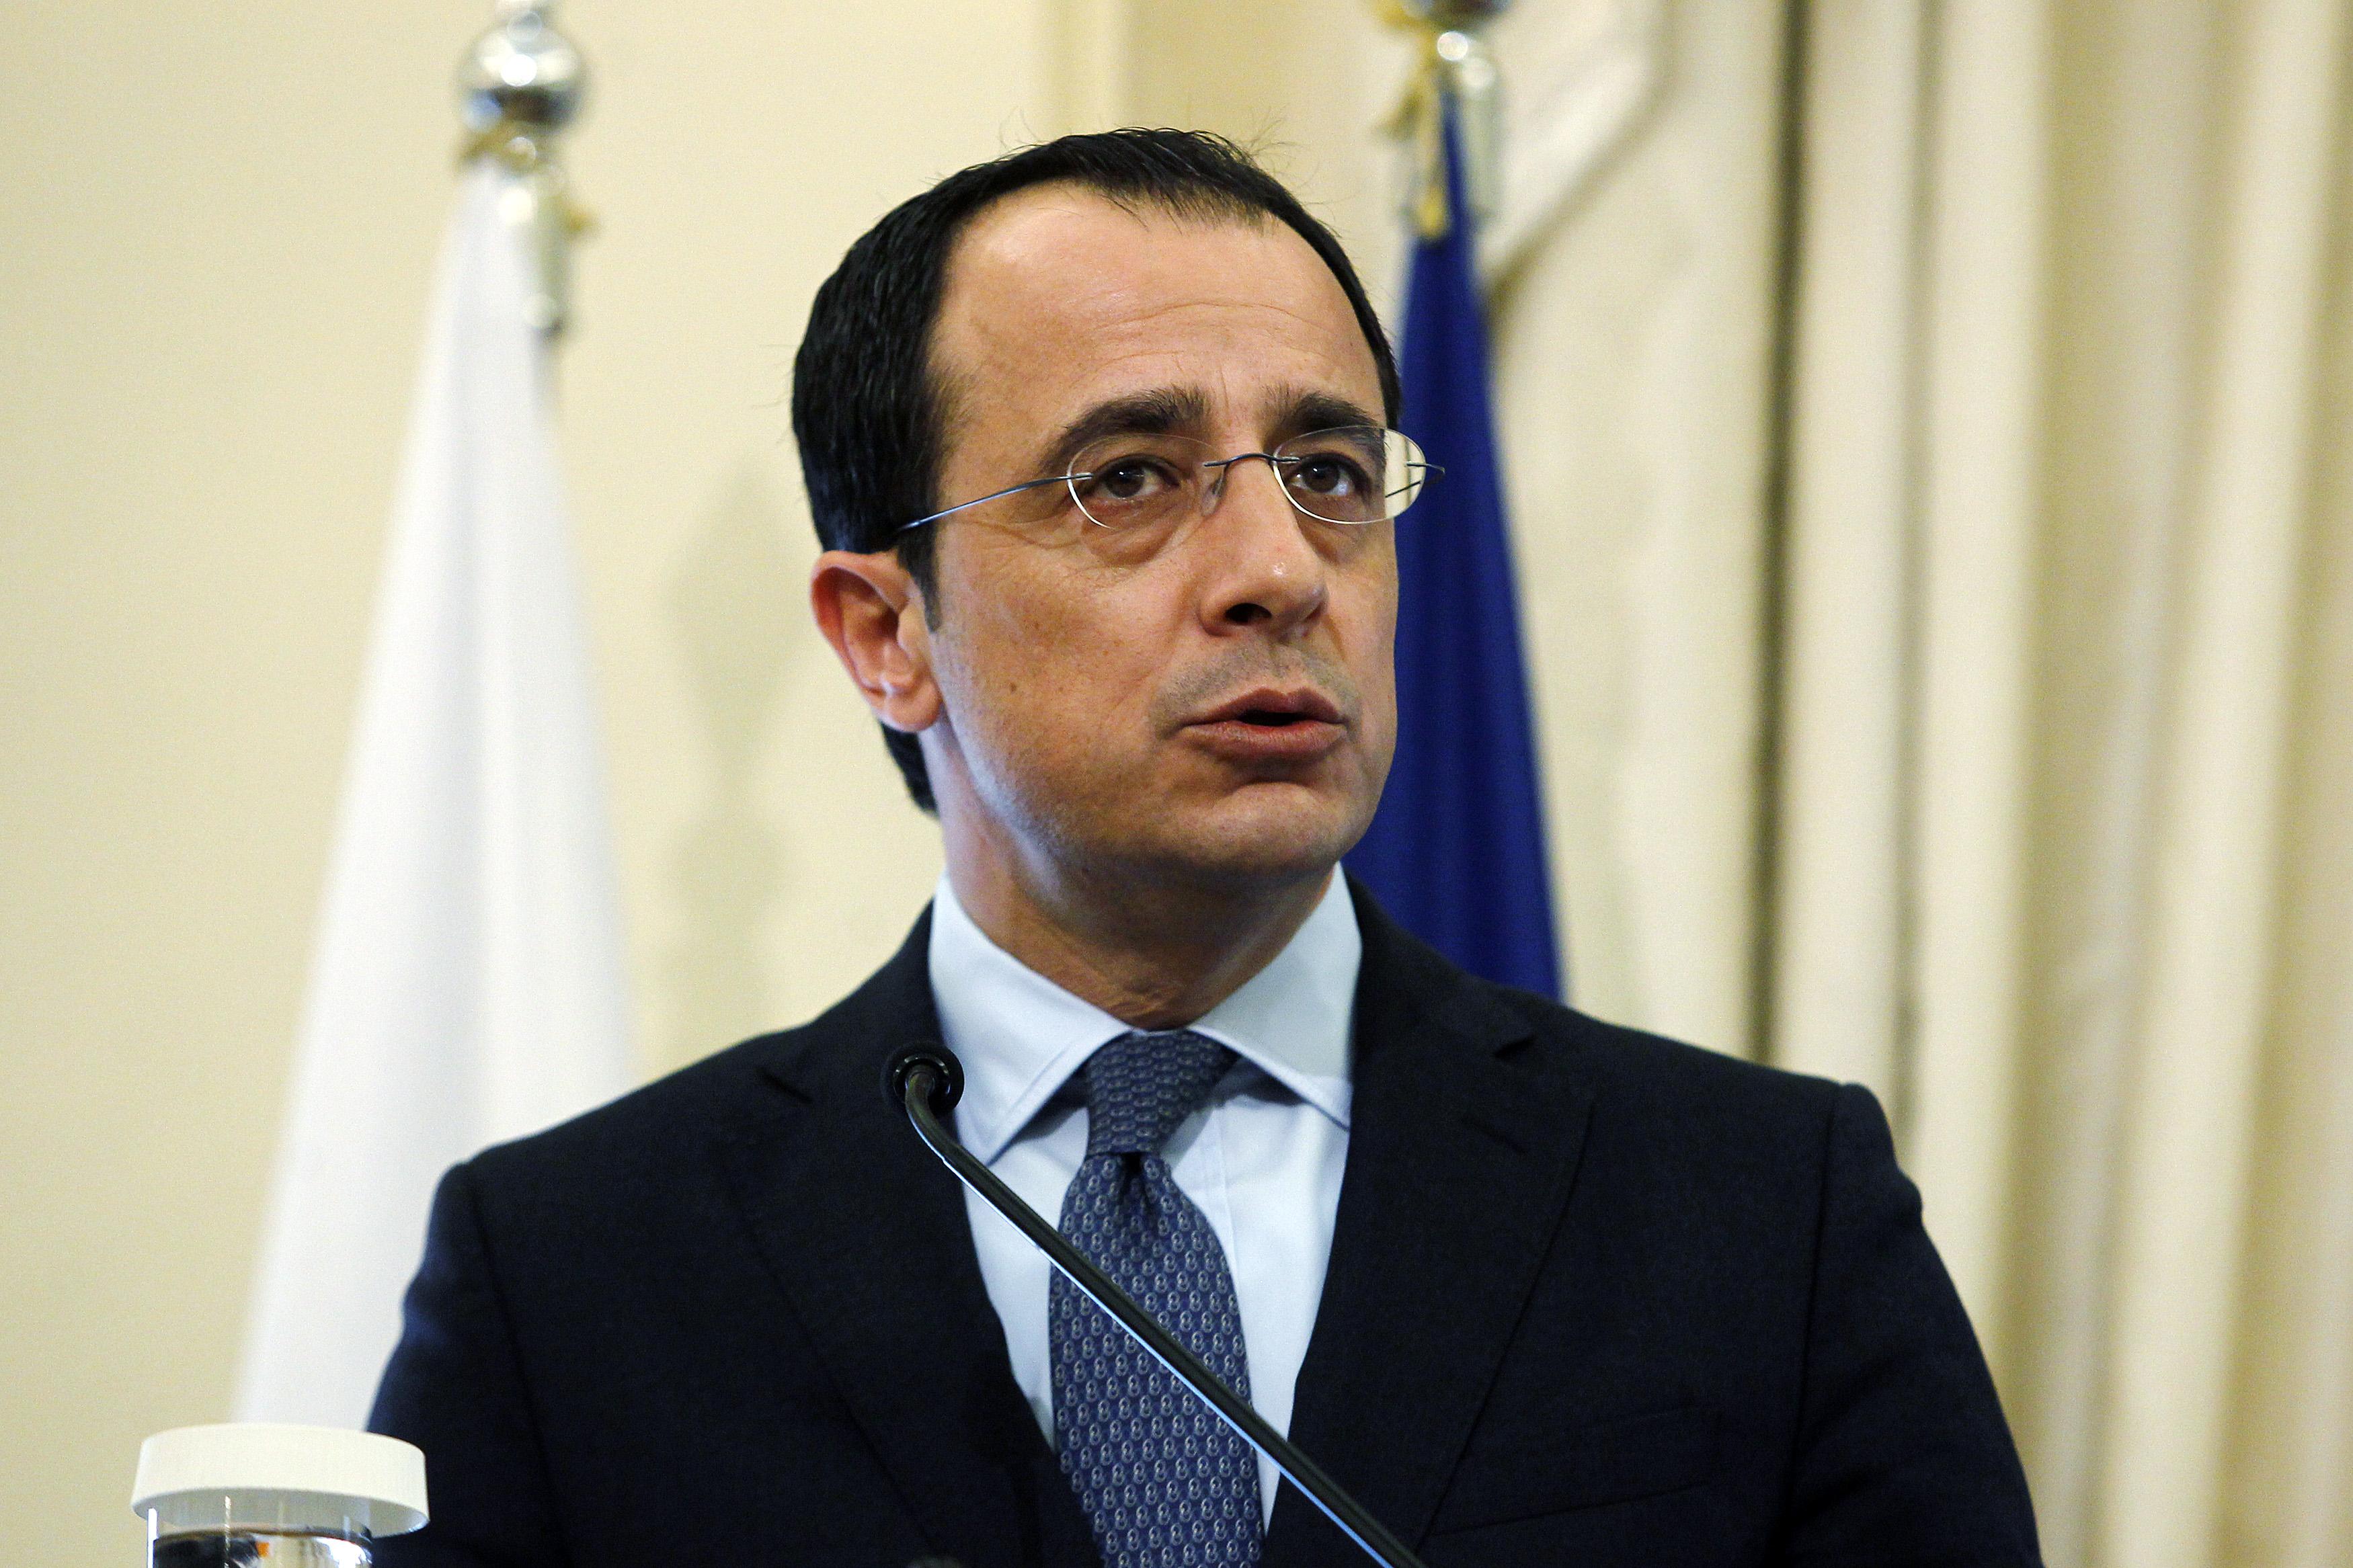 Χριστοδουλίδης:«Οι απειλές από όποιον και εάν προέρχονται είναι μια ένδειξη αδυναμίας» | tovima.gr